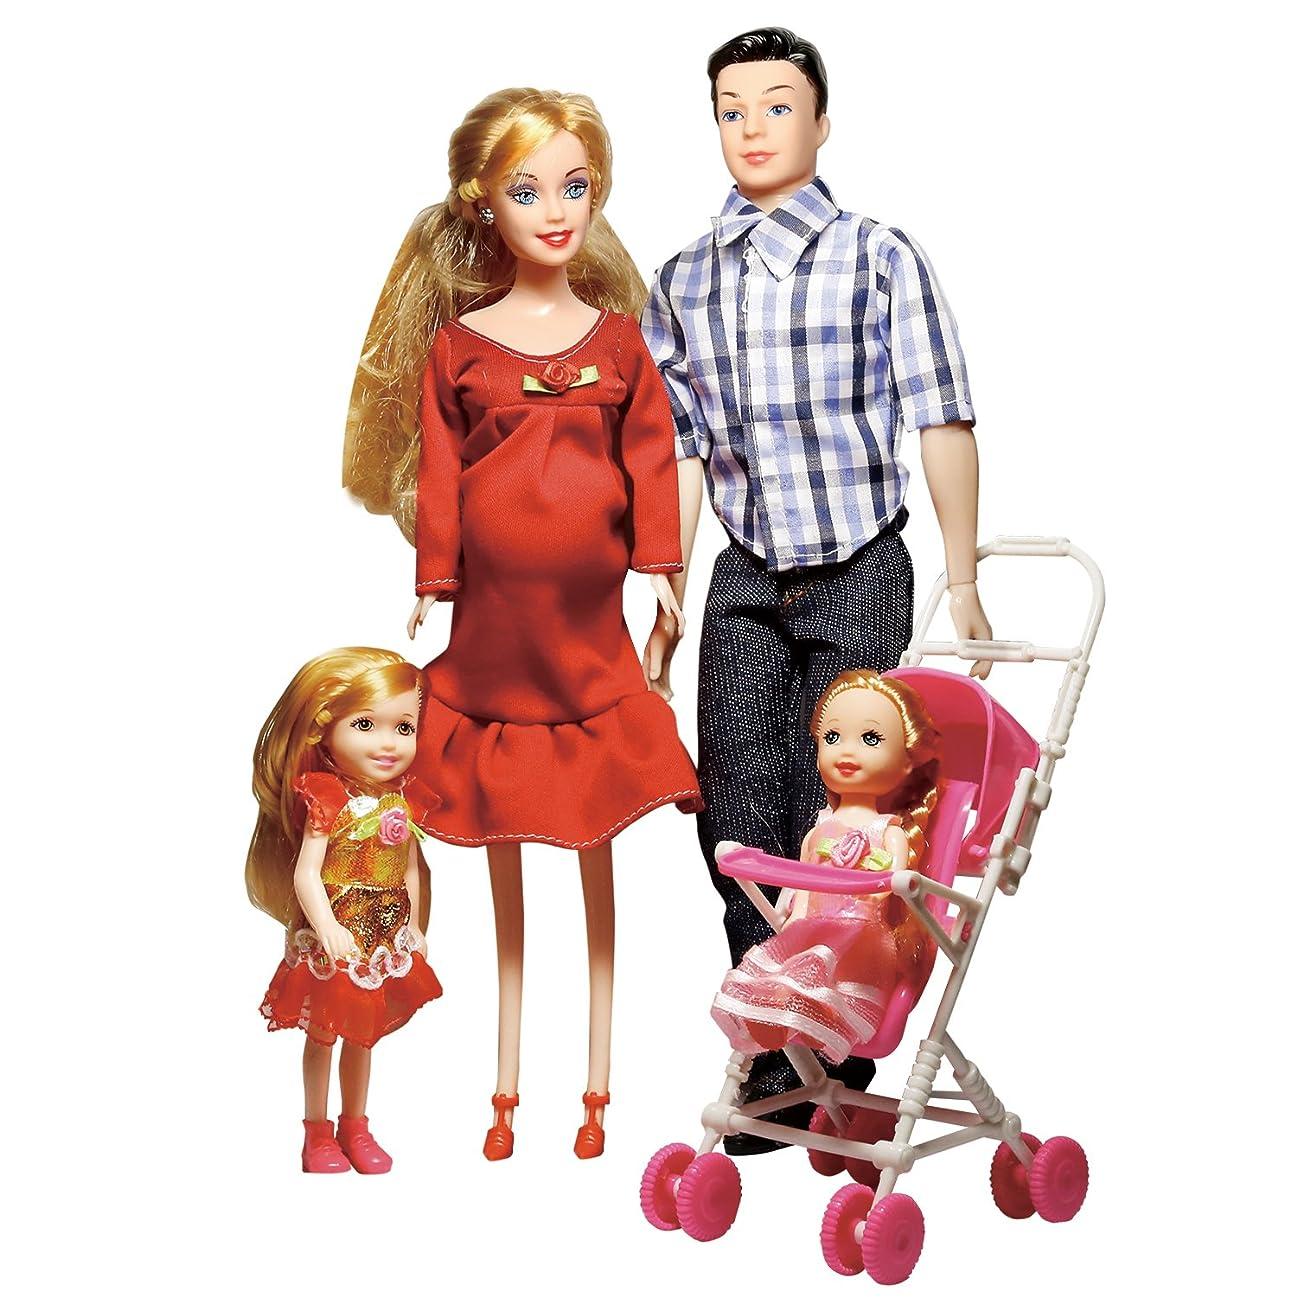 ブランデー歪める提供Toys Family of 5 People Baby Dolls Suits with Real Pregnant 1 Mom 1 Dad 2 Little Girls 1 Baby Son 1 Baby Carriage